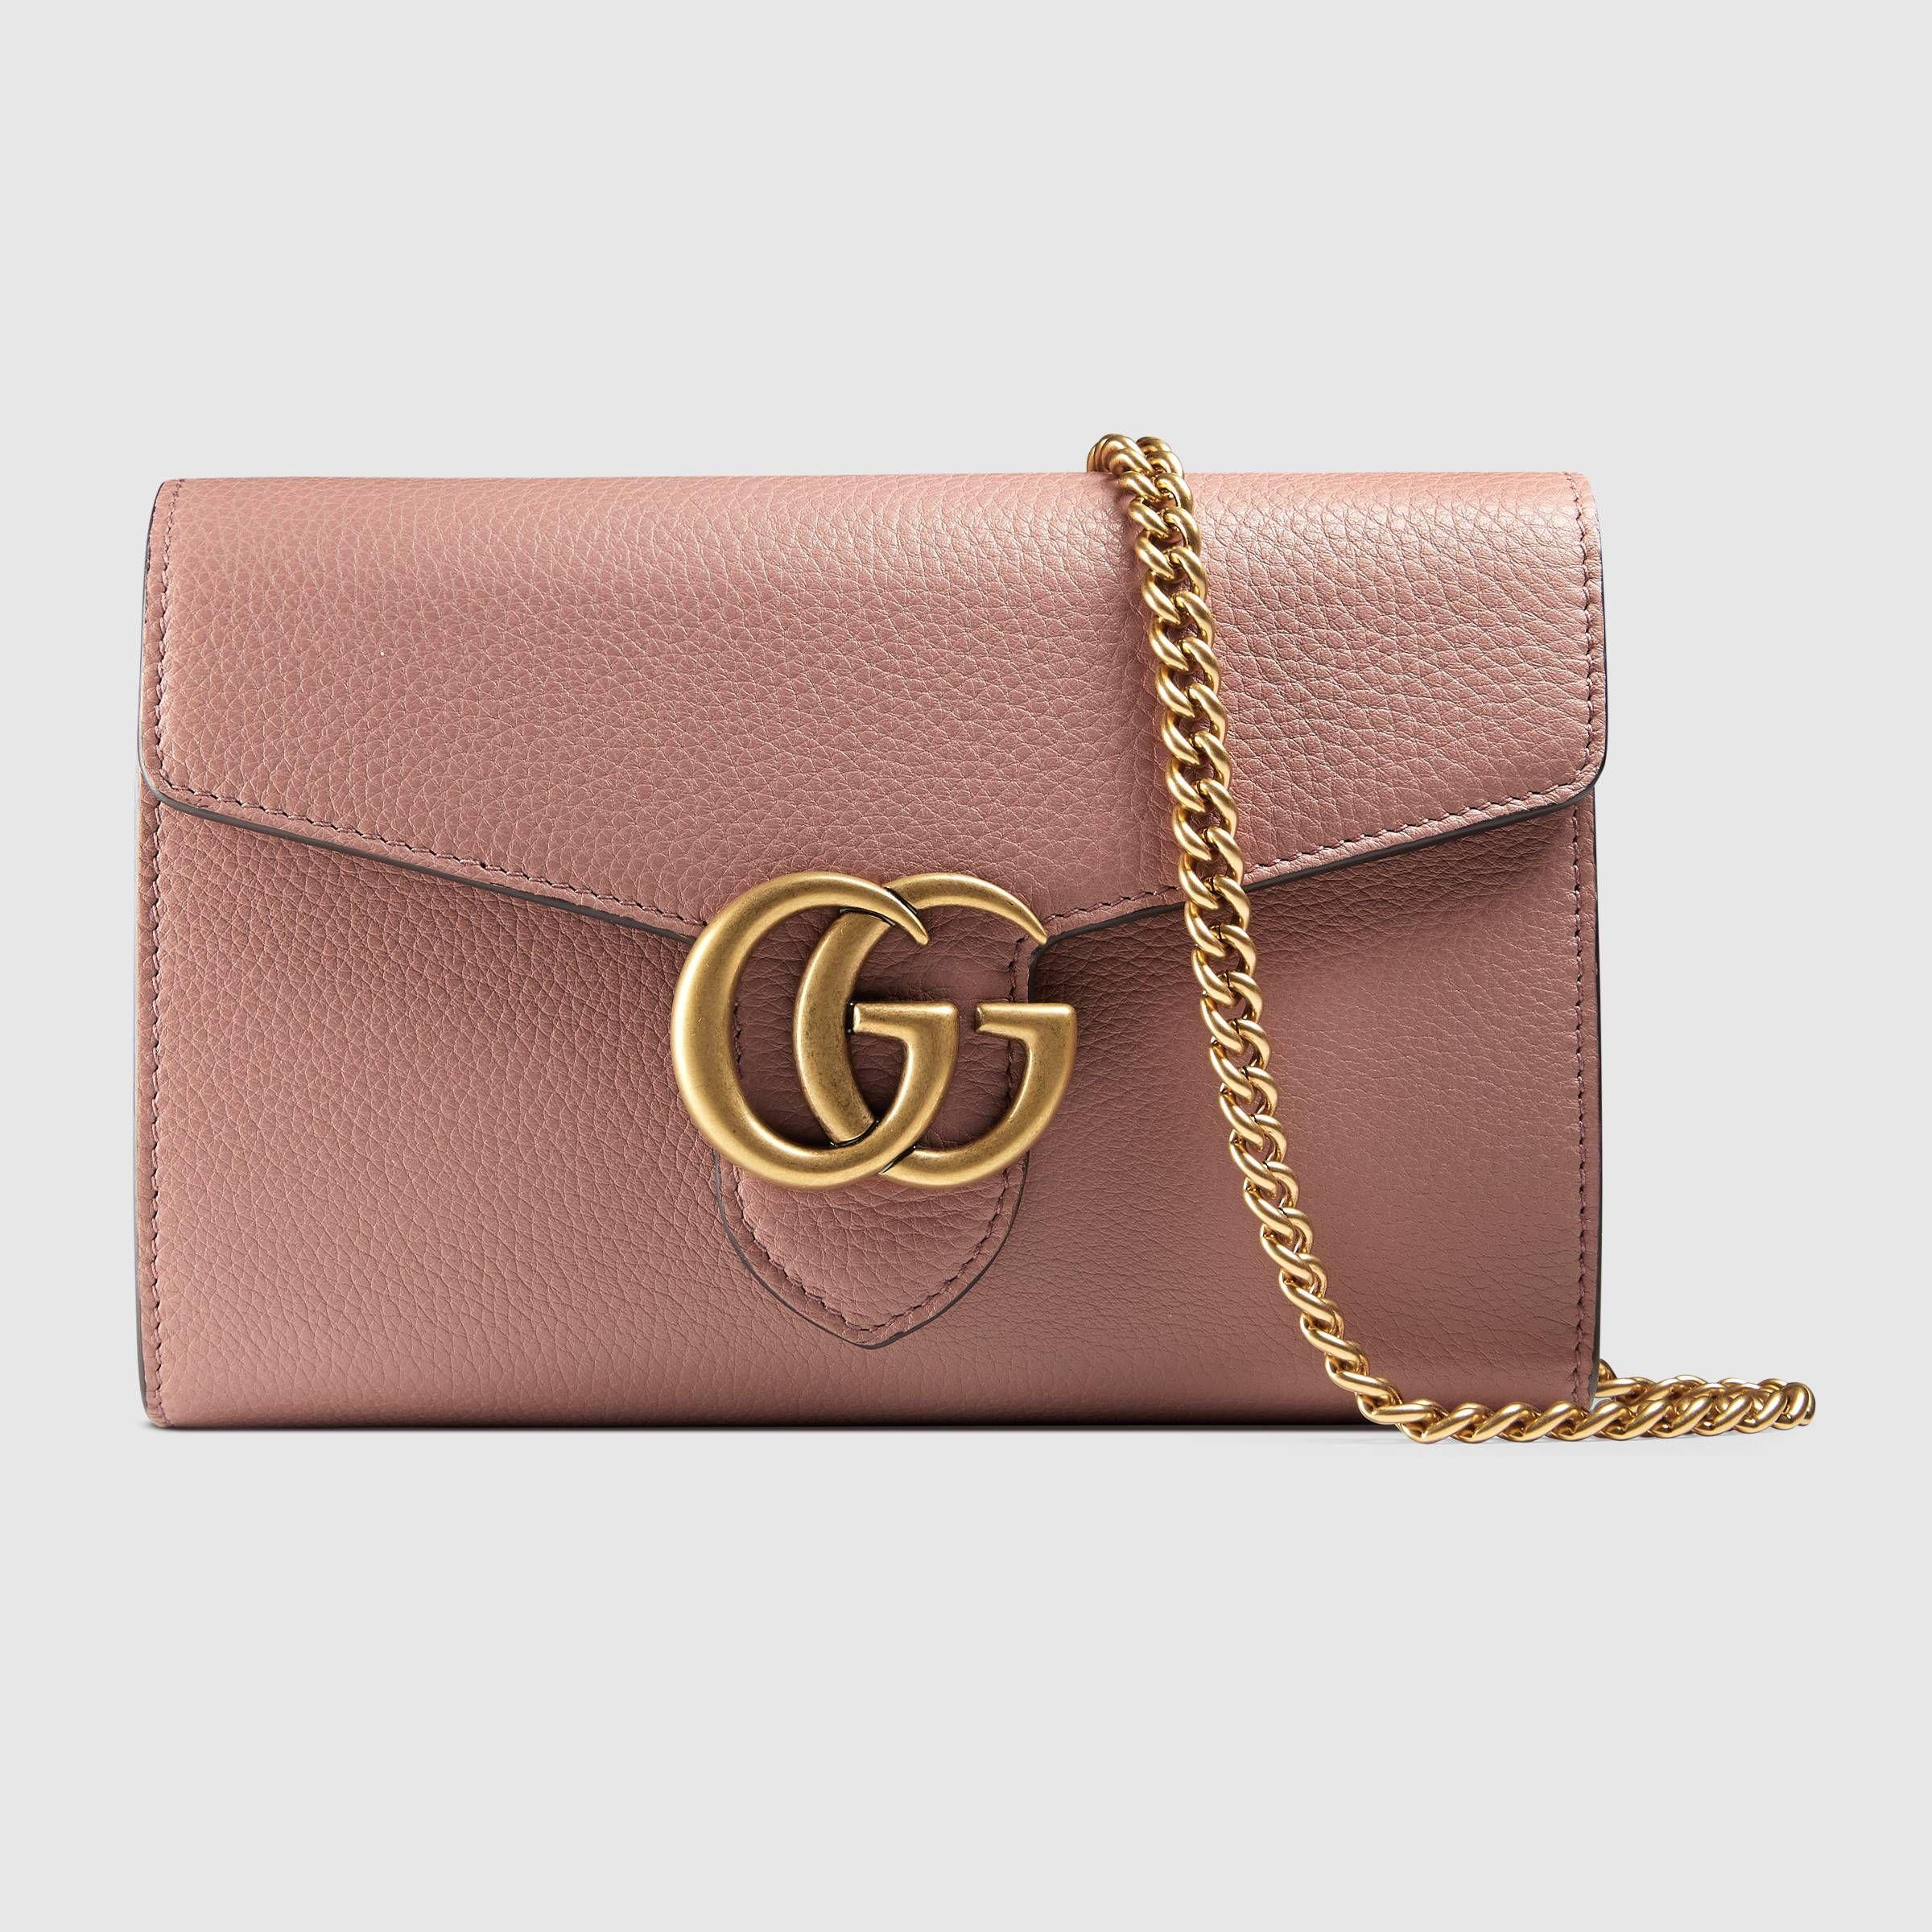 Gucci Gg Marmont Leather Mini Chain Bag ( 1 0c1f7974a1f2f